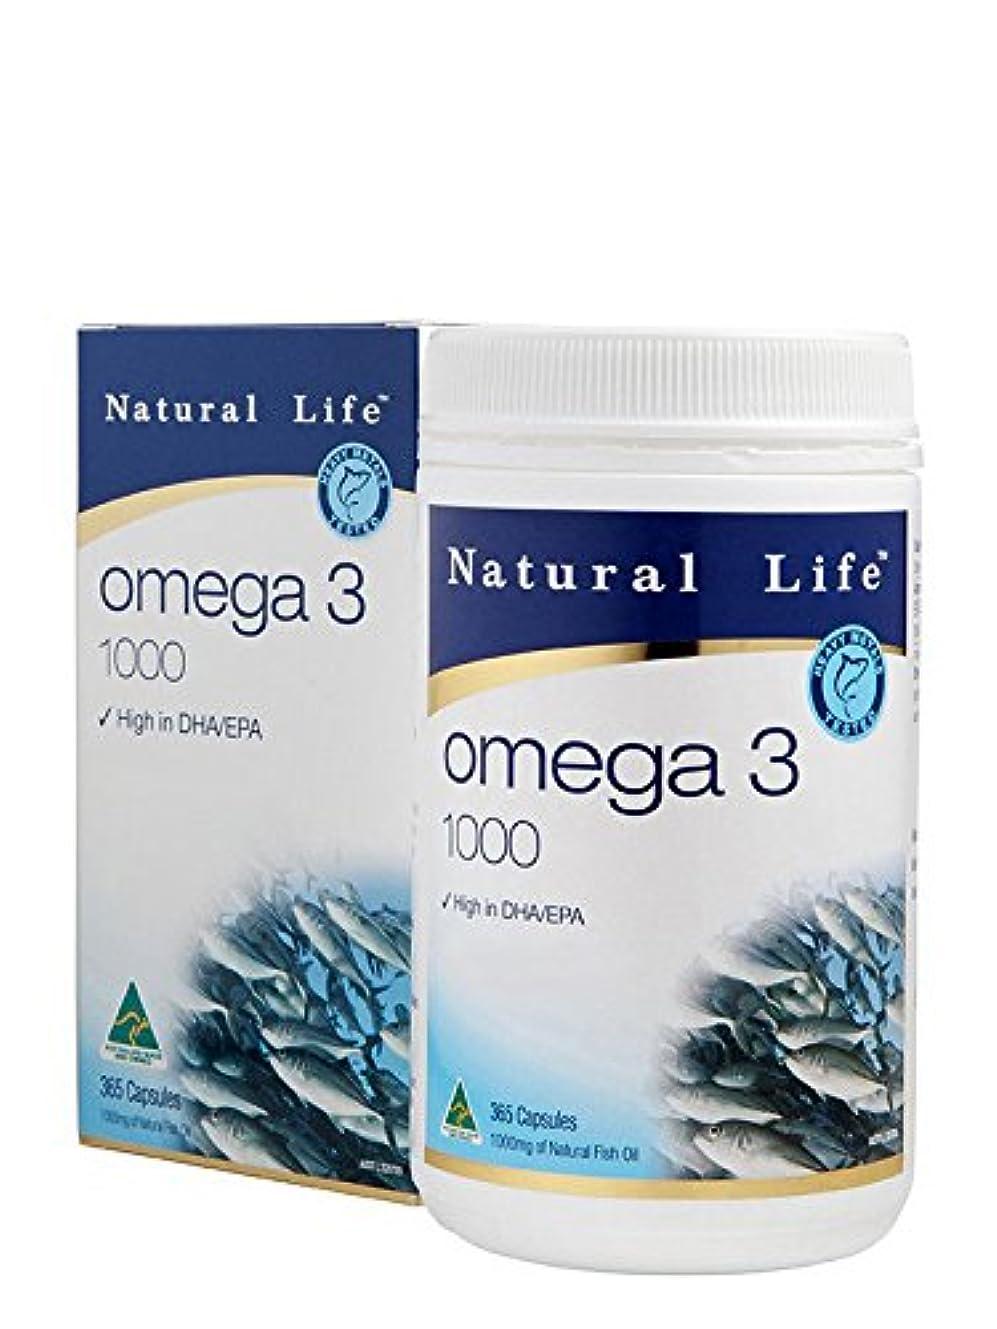 ガム特異な常識オメガ3 1000mg 大容量365粒 国内正規品 EPA180mg+DHA120mg ナチュラルライフ